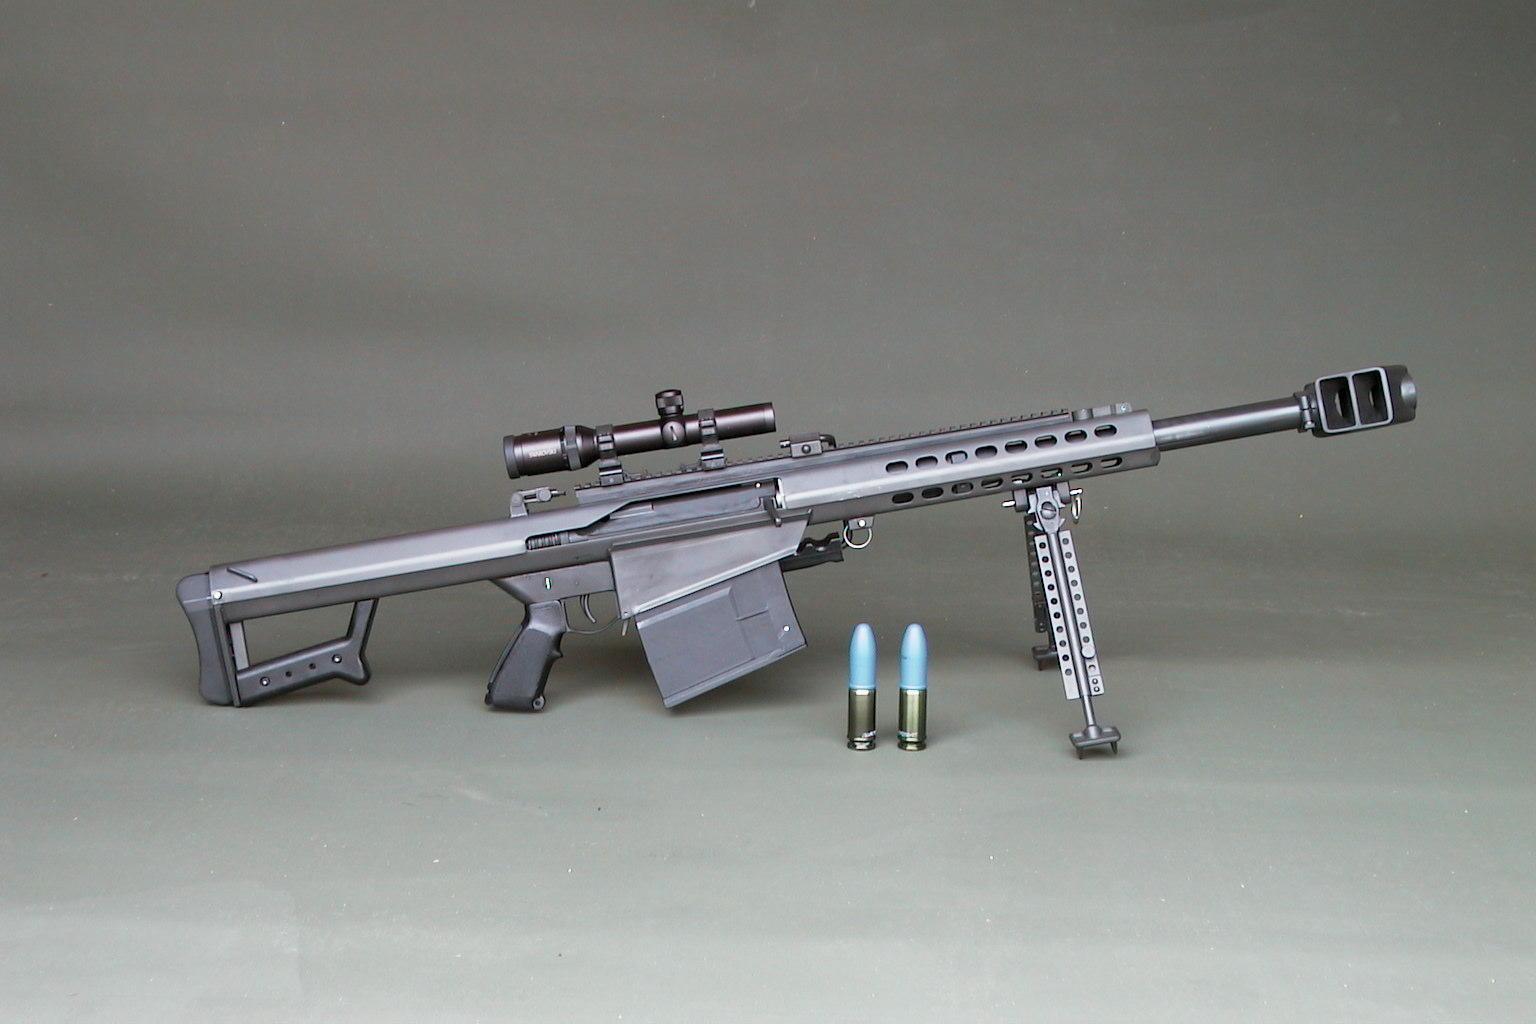 modern sniper rifles wallpapers guns wallpapers modern sniper rifles 1536x1024